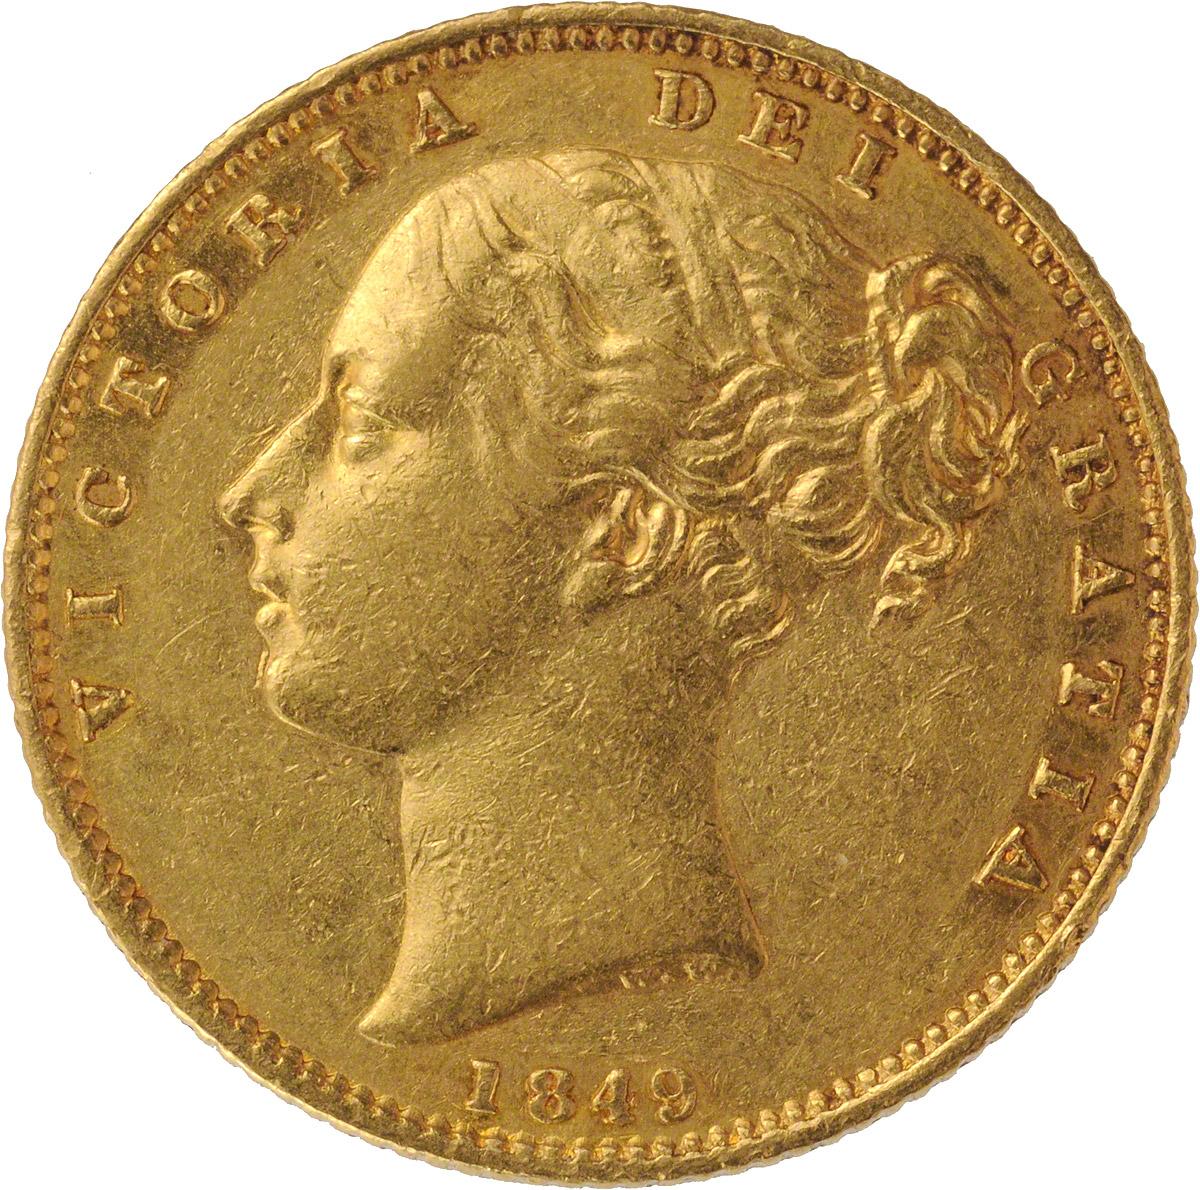 1849 Βικτώρια